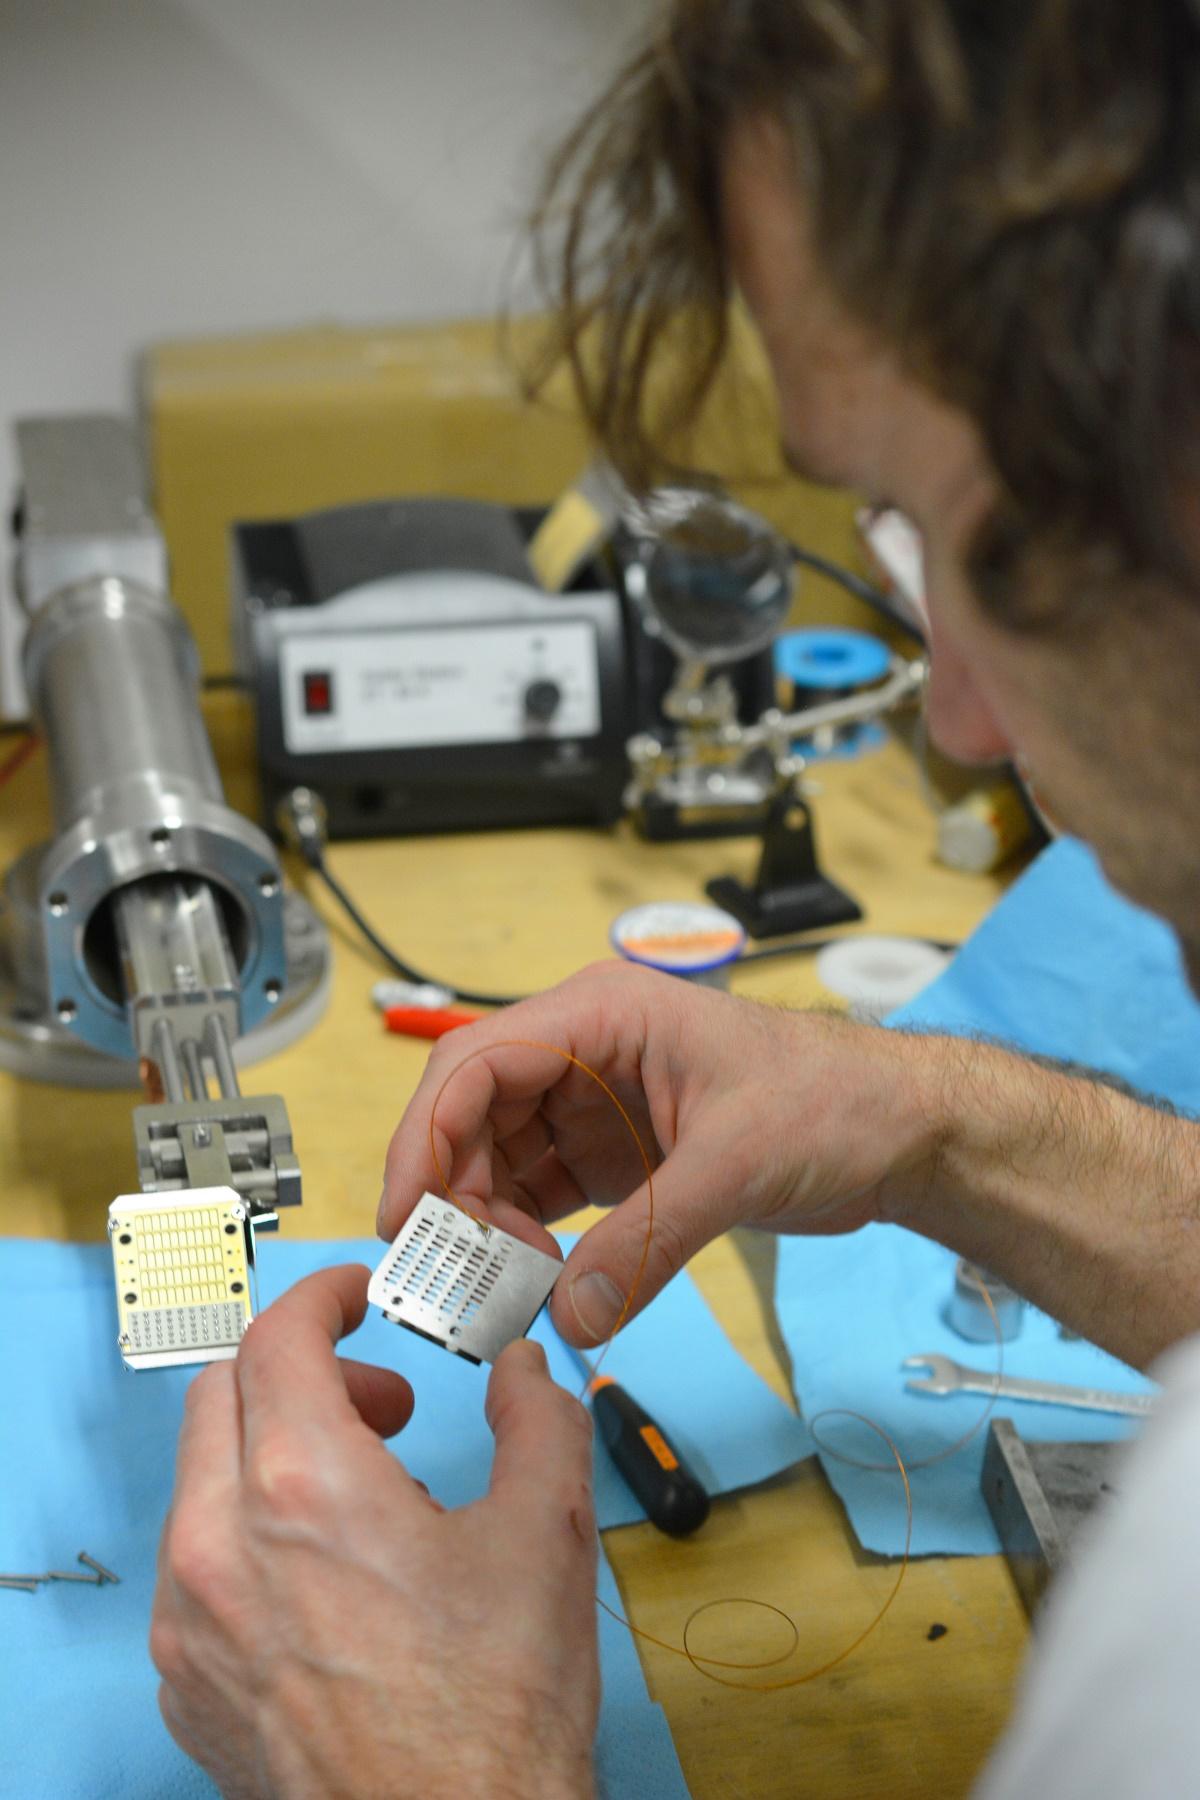 Egyedülálló diagnosztika fejlesztés az MTA Wigner Fizikai Kutatóközpontban